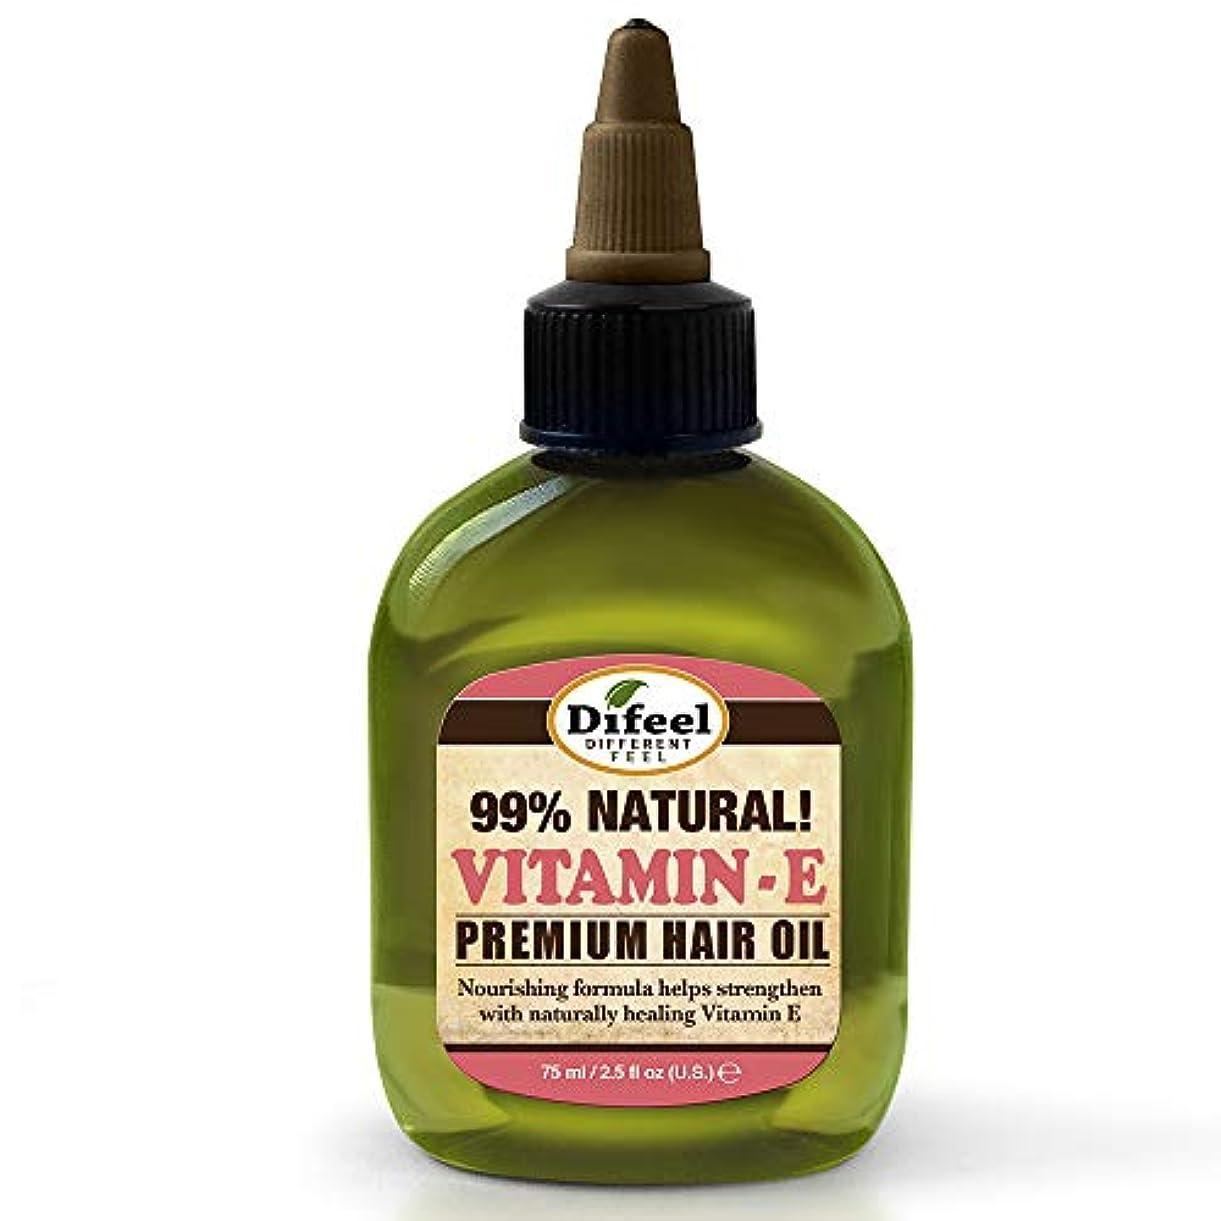 約設定貧しいスクリーチDifeel ビタミンEオイルプレミアムナチュラルヘアオイル70g(6パック)